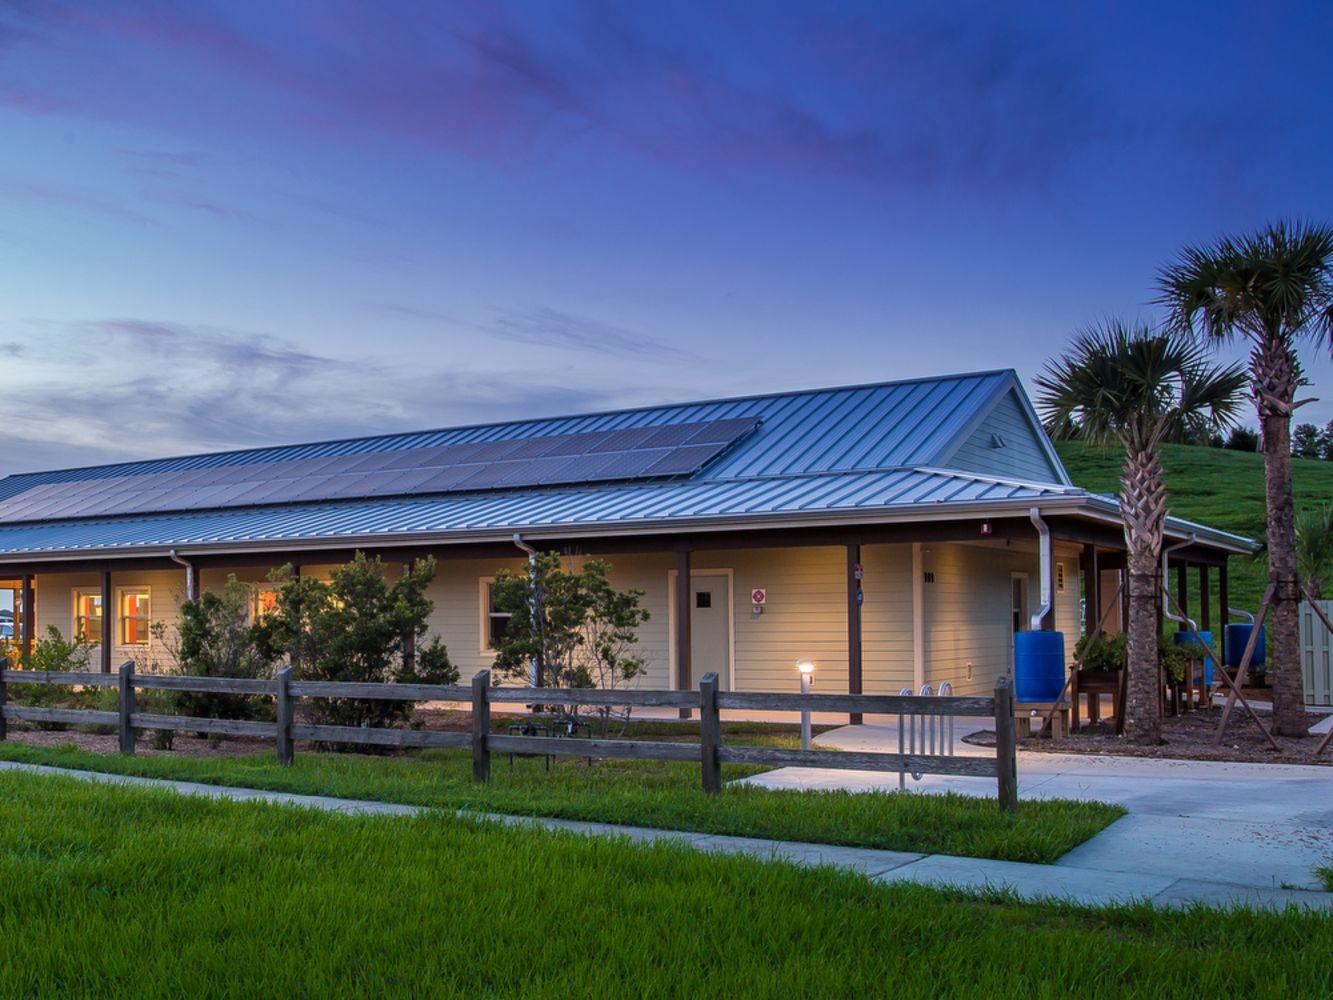 Sarasota audubon society nature center iqu3at